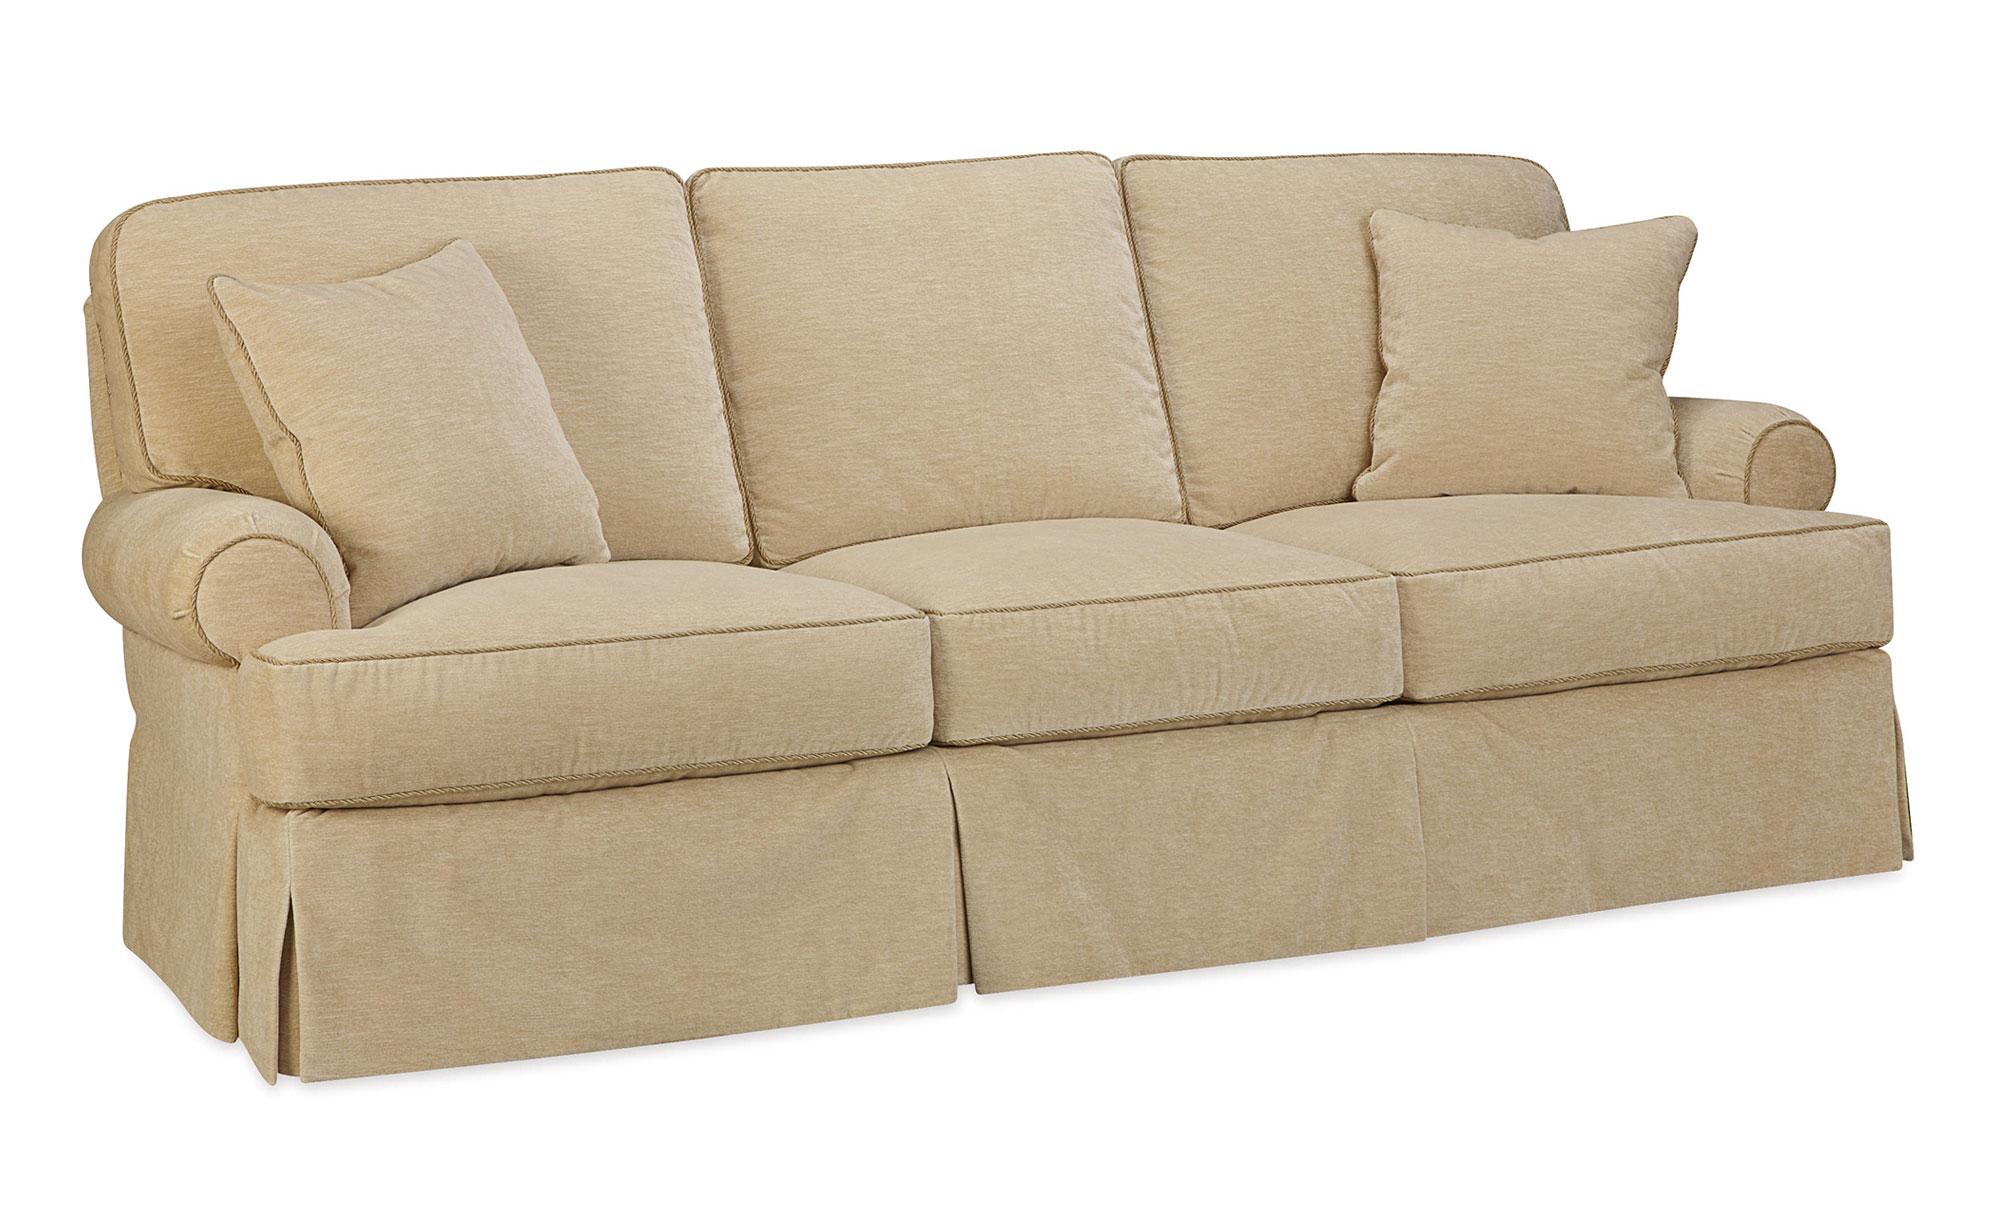 Sofas & Loveseats Upholstered Sofas Leather Sofas & Loveseats